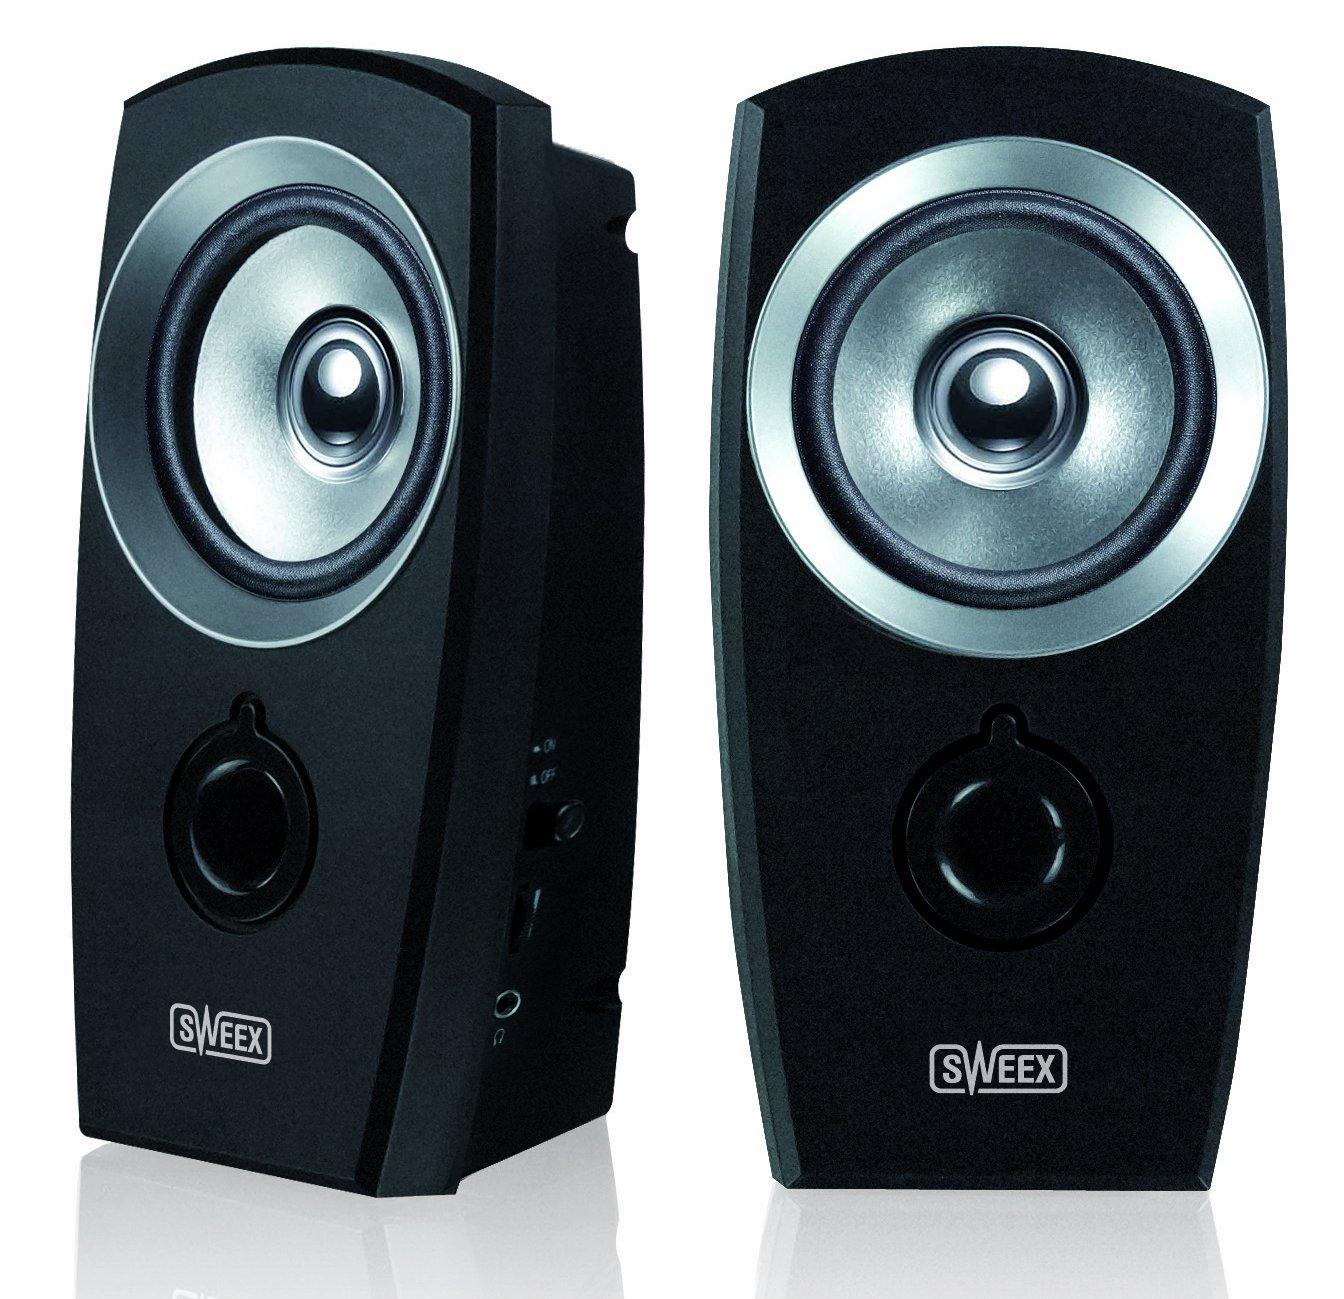 Sweex SP040 2.0 Lautsprecher (3,5mm Klinkenstecker, USB) schwarz/silber Step